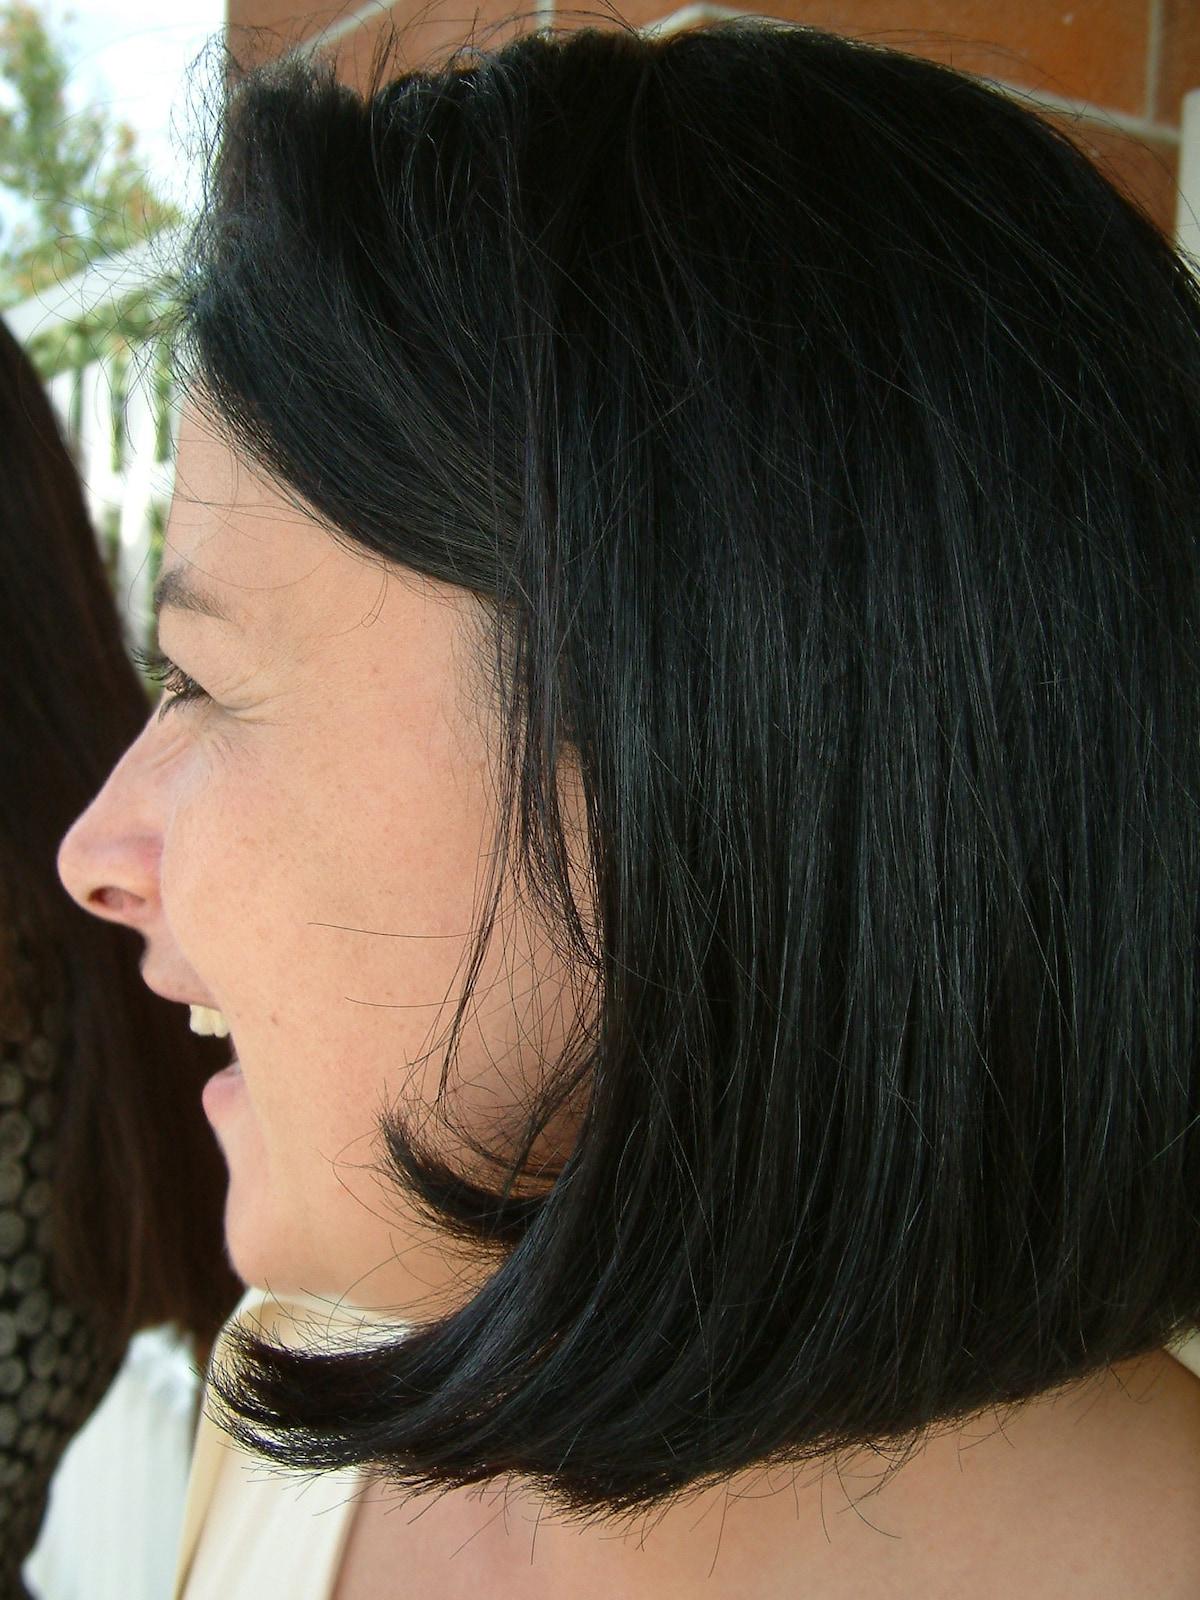 Rubin from Santa Marinella